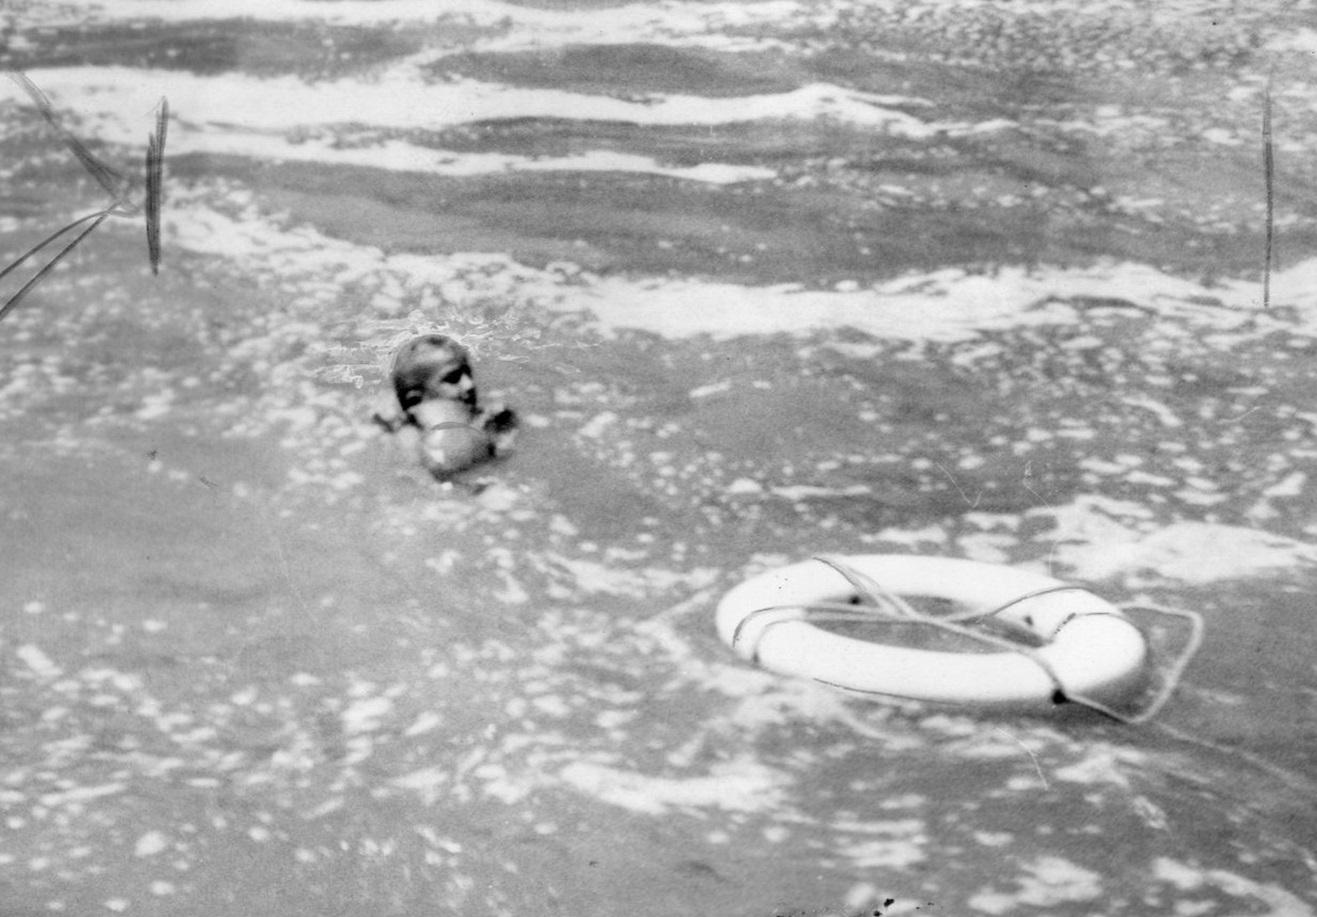 Survivor of plunge over Niagara at age 7 recalls terror at the brink